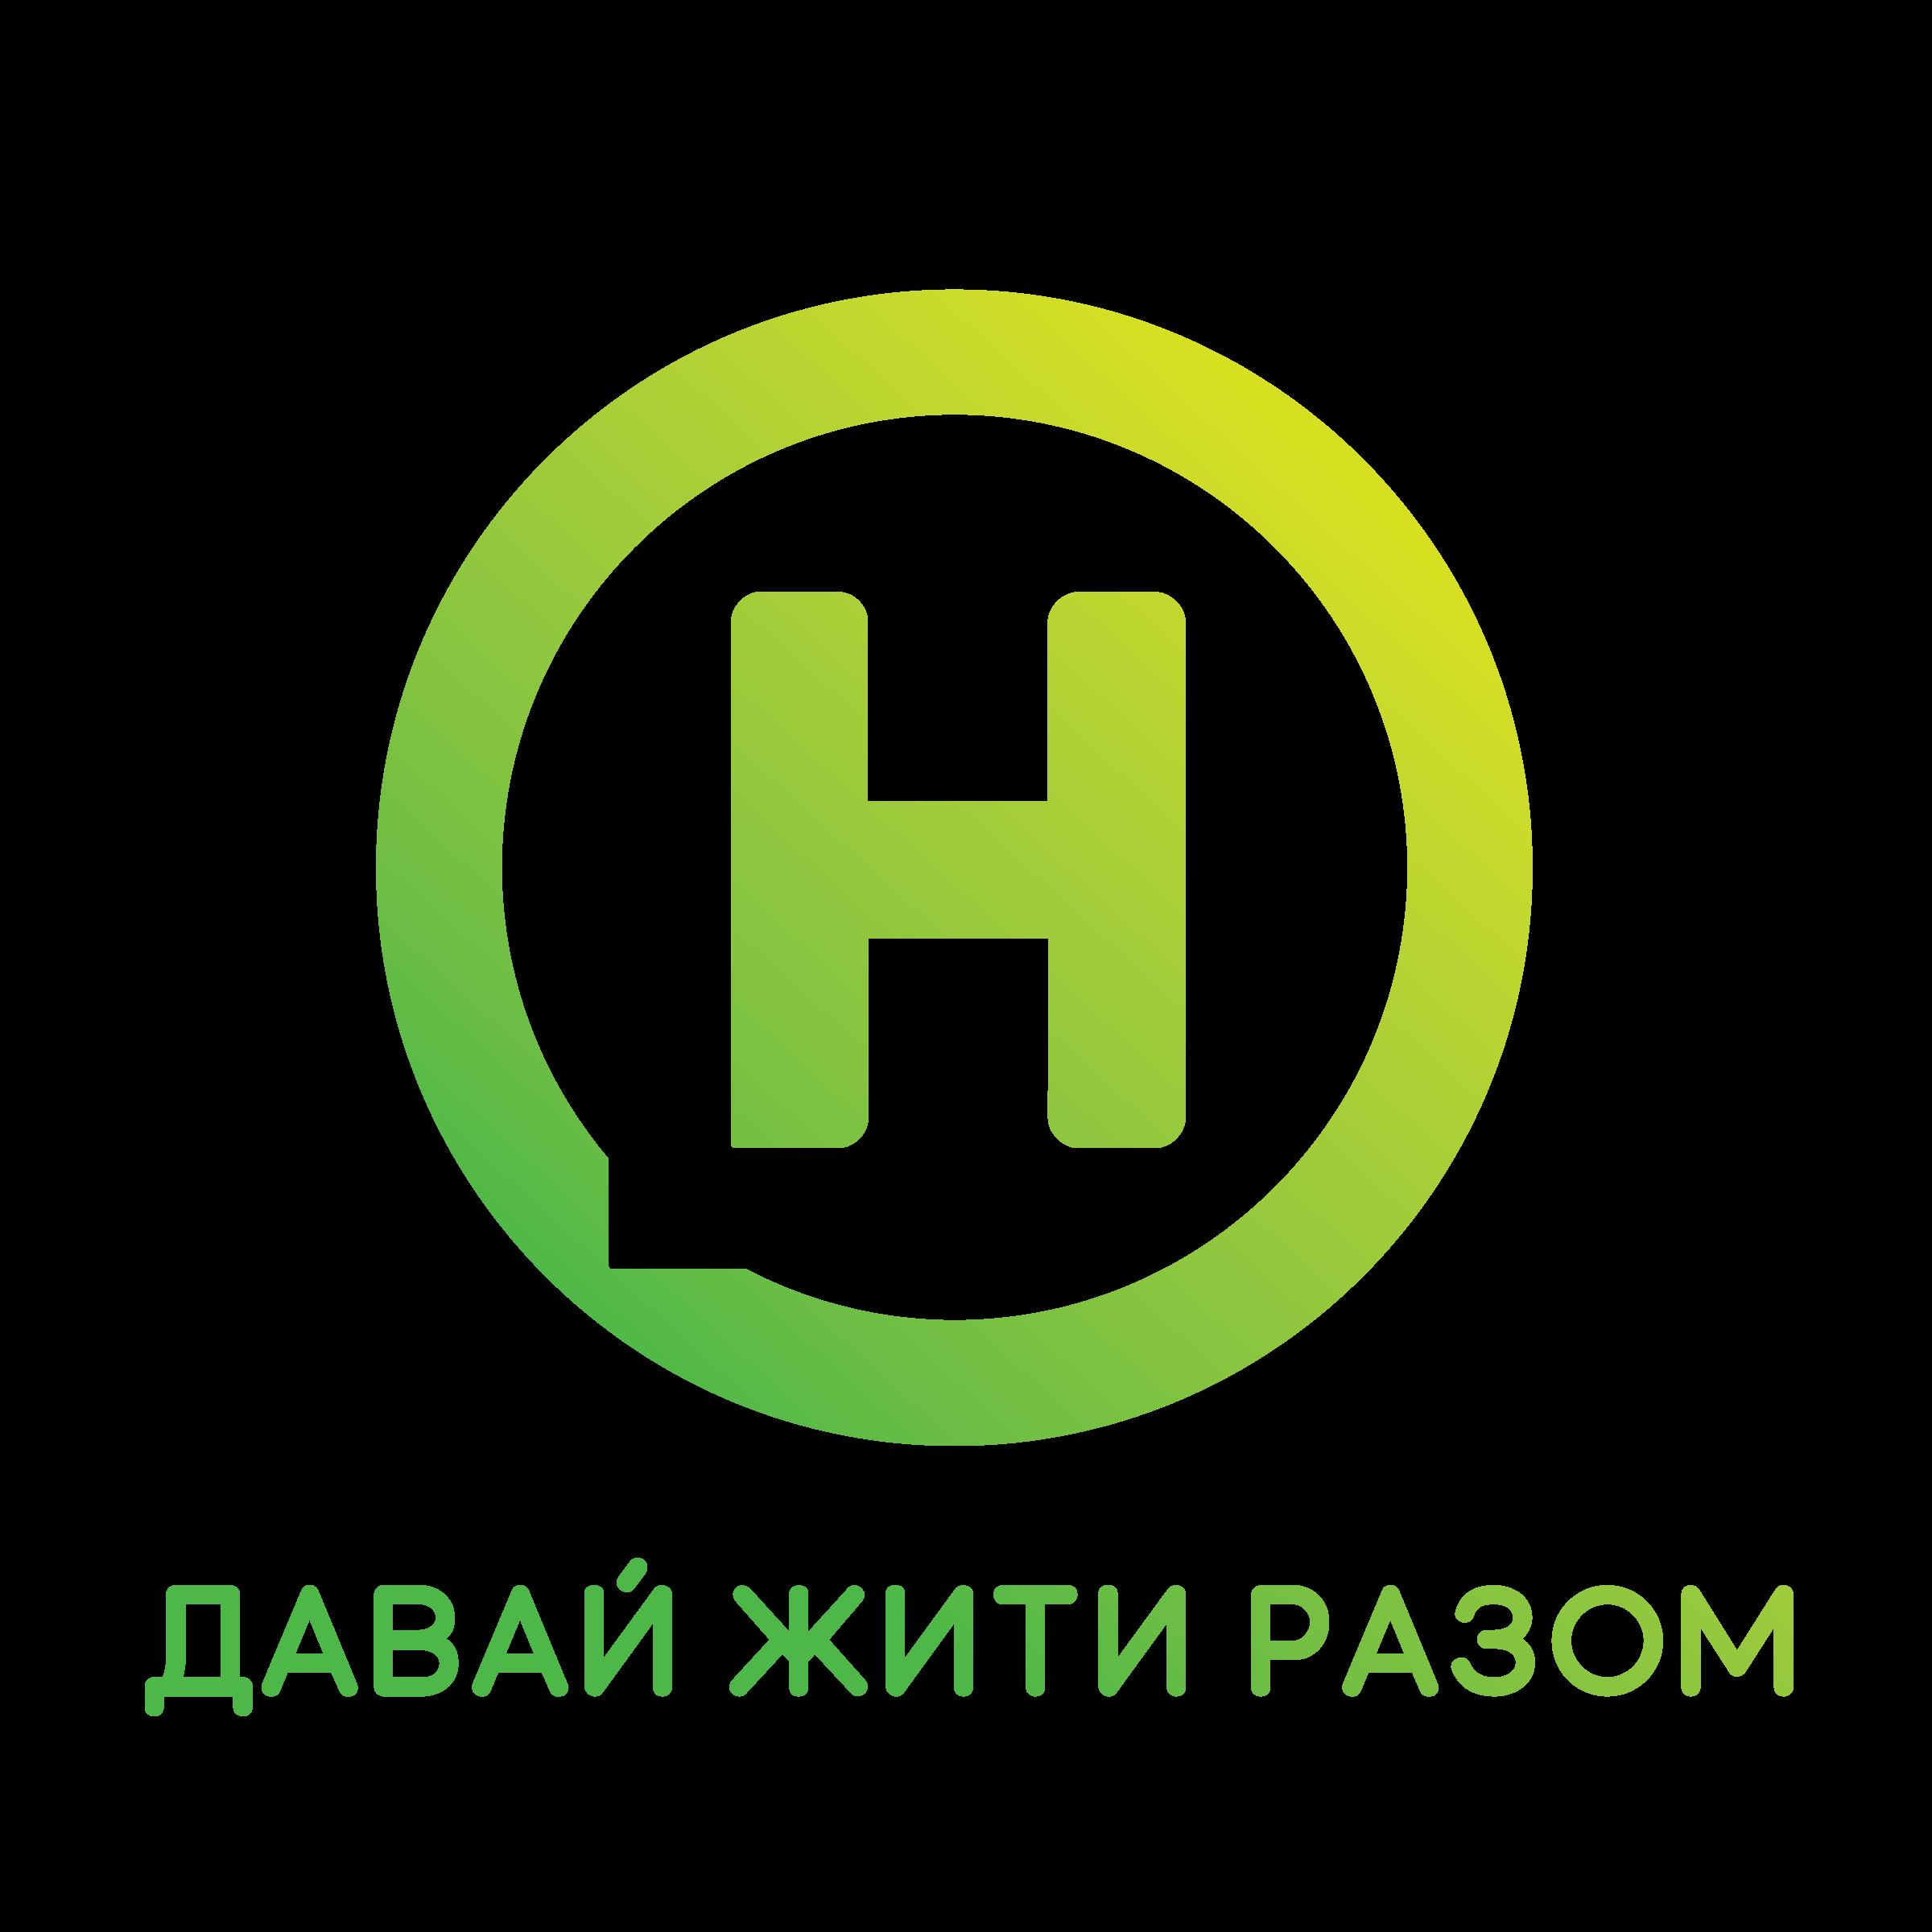 Novyi Kanal - Wikipedia